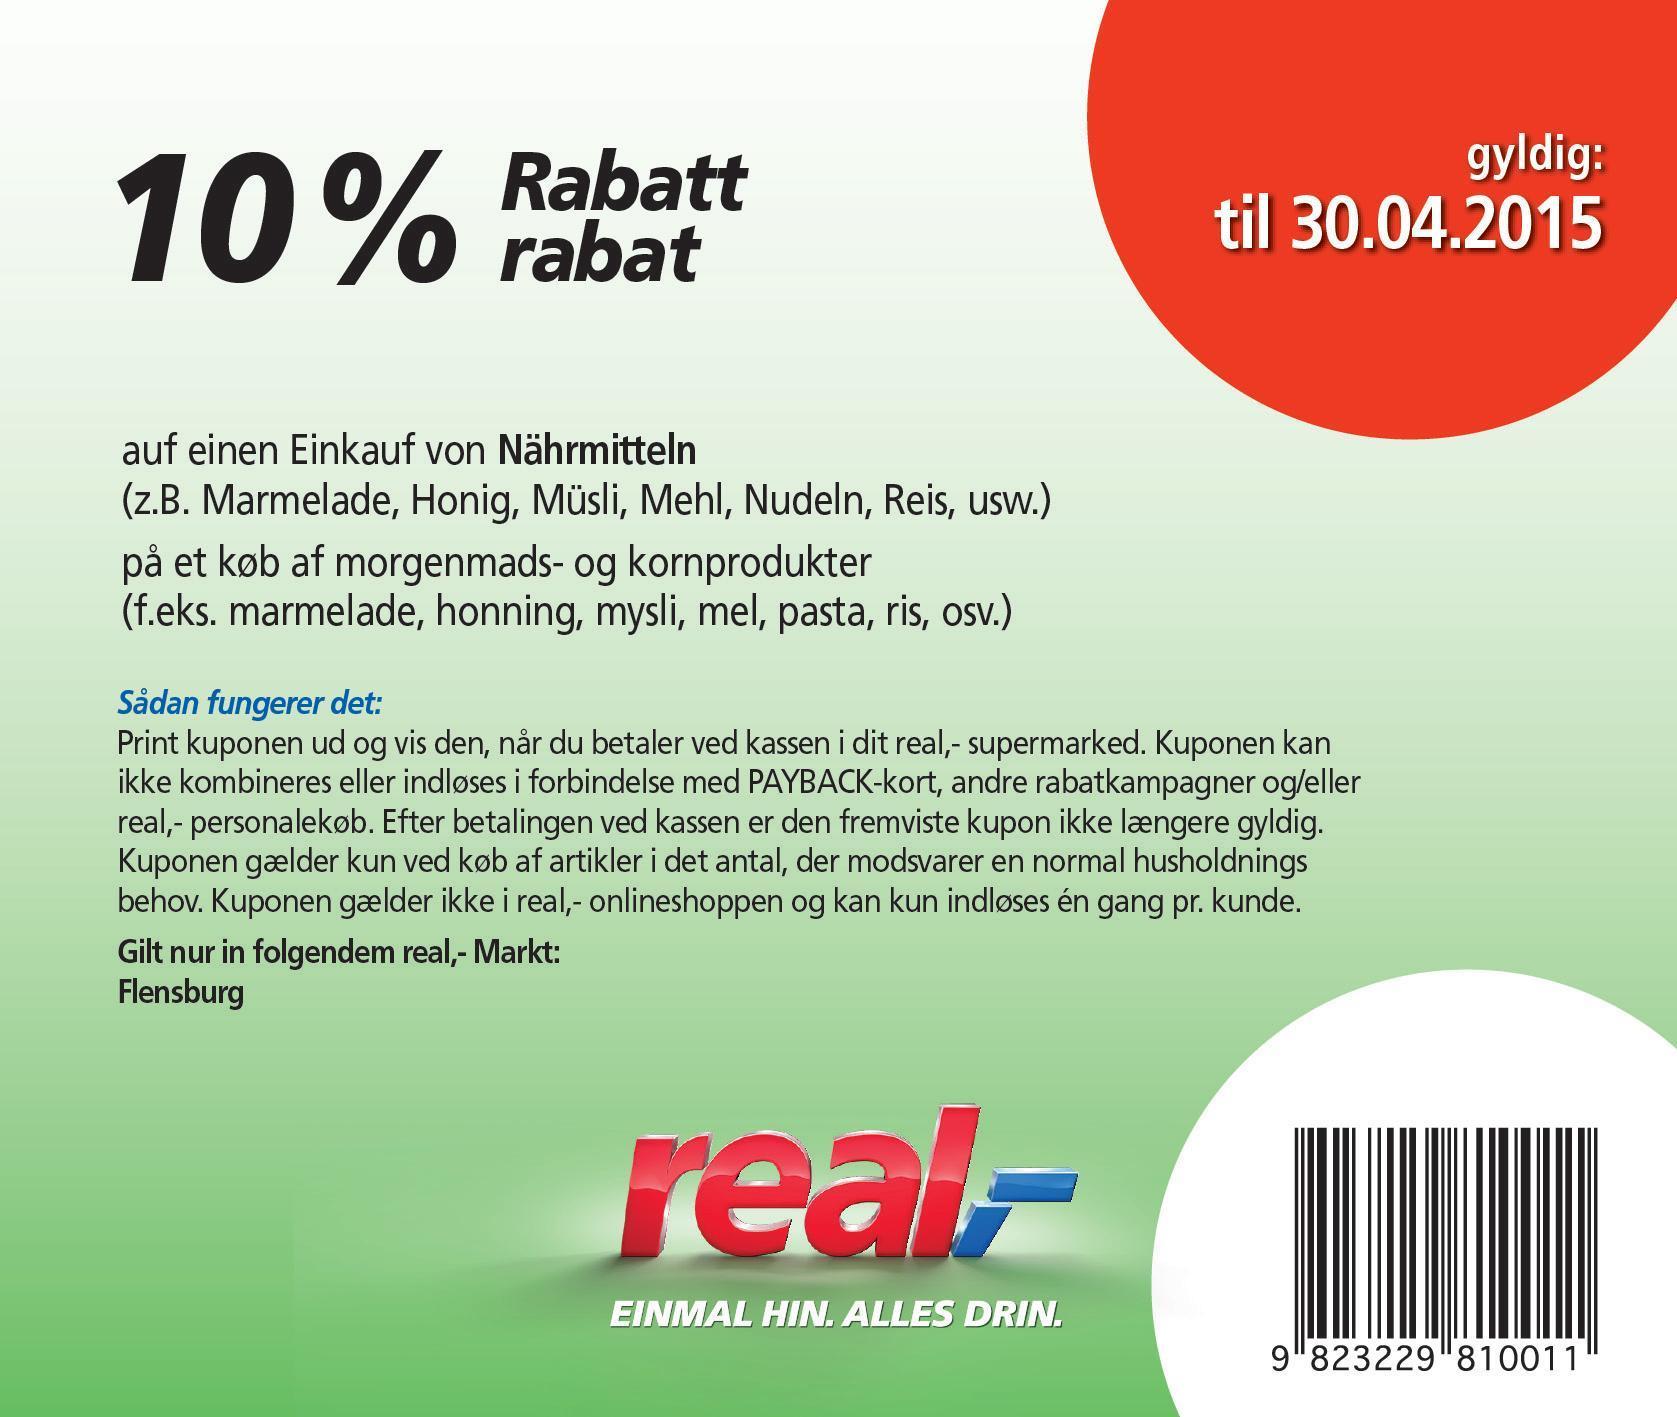 coupons_apr_2015_dk-pmwx3h.jpg